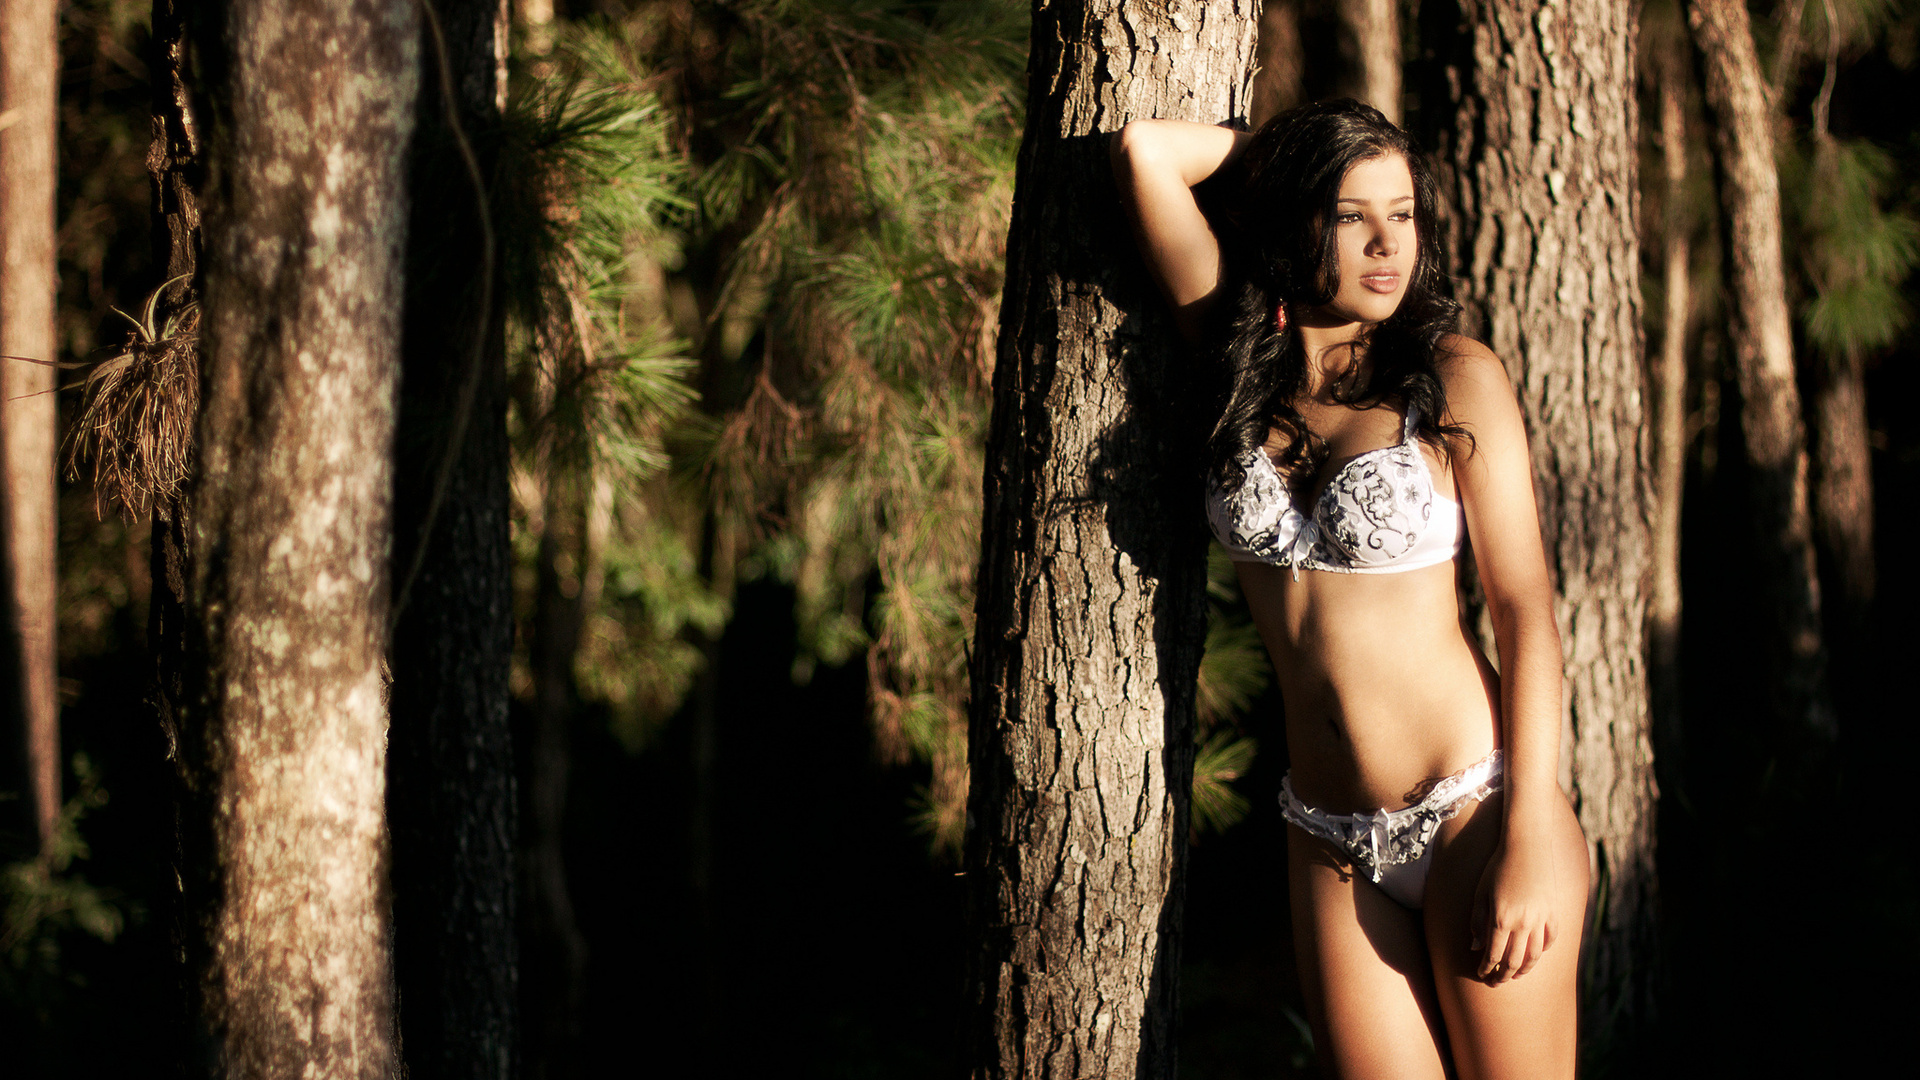 Секс с девушкой в гедрах 25 фотография